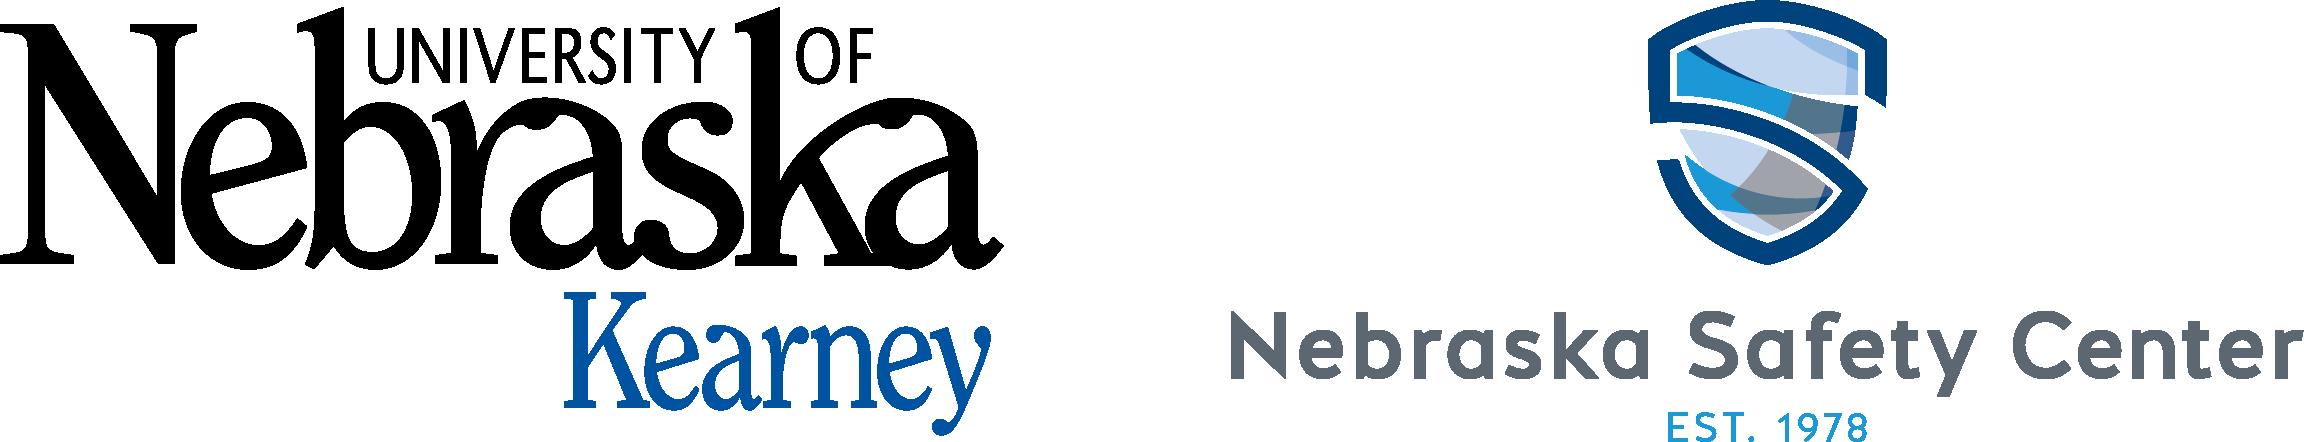 U-N-K Nebraska Safety Center logo